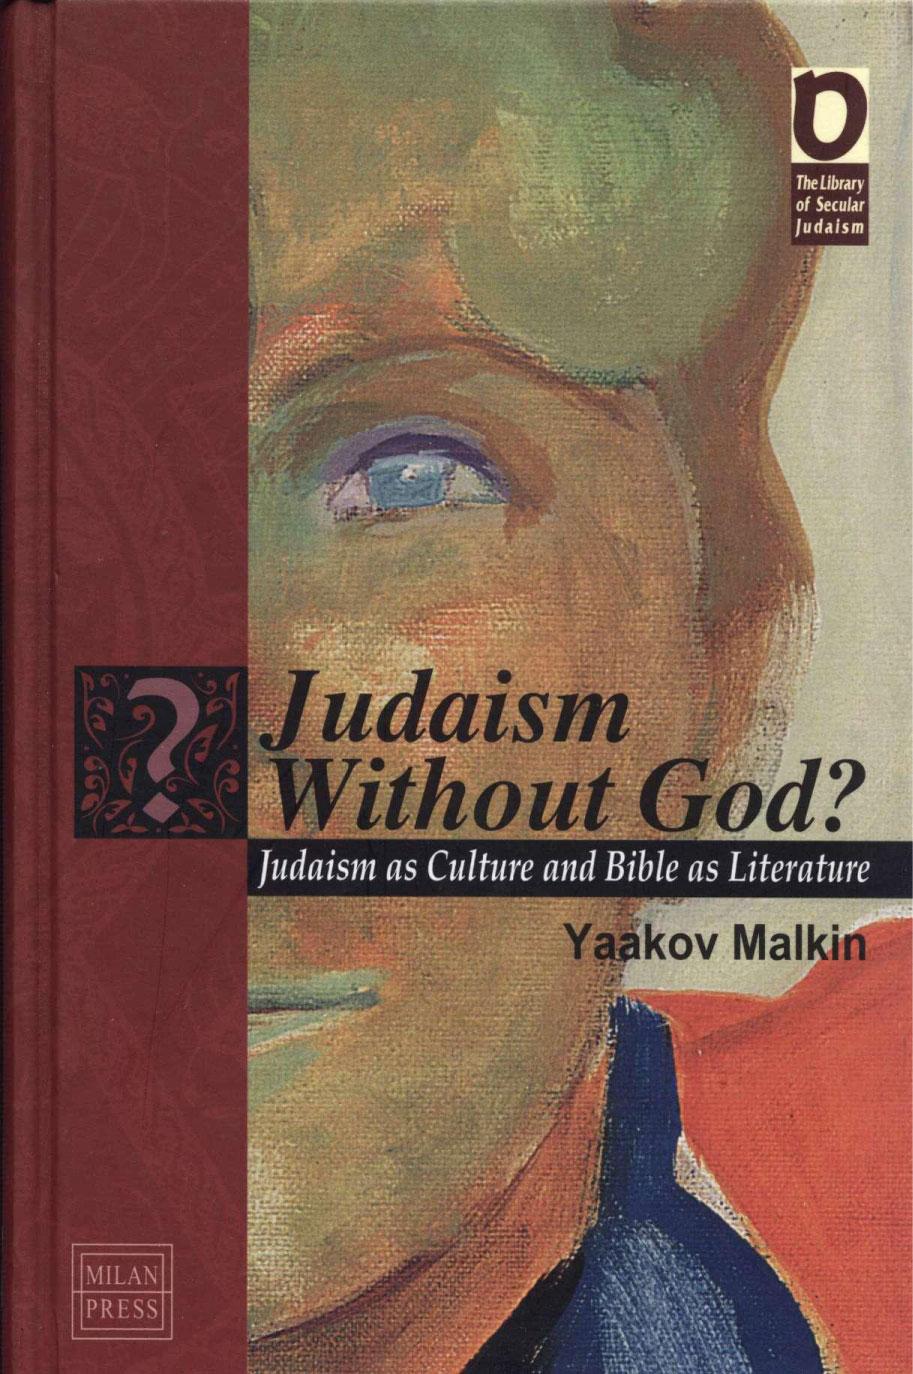 Judaism without God - Yaakov Malkin, English, 2007